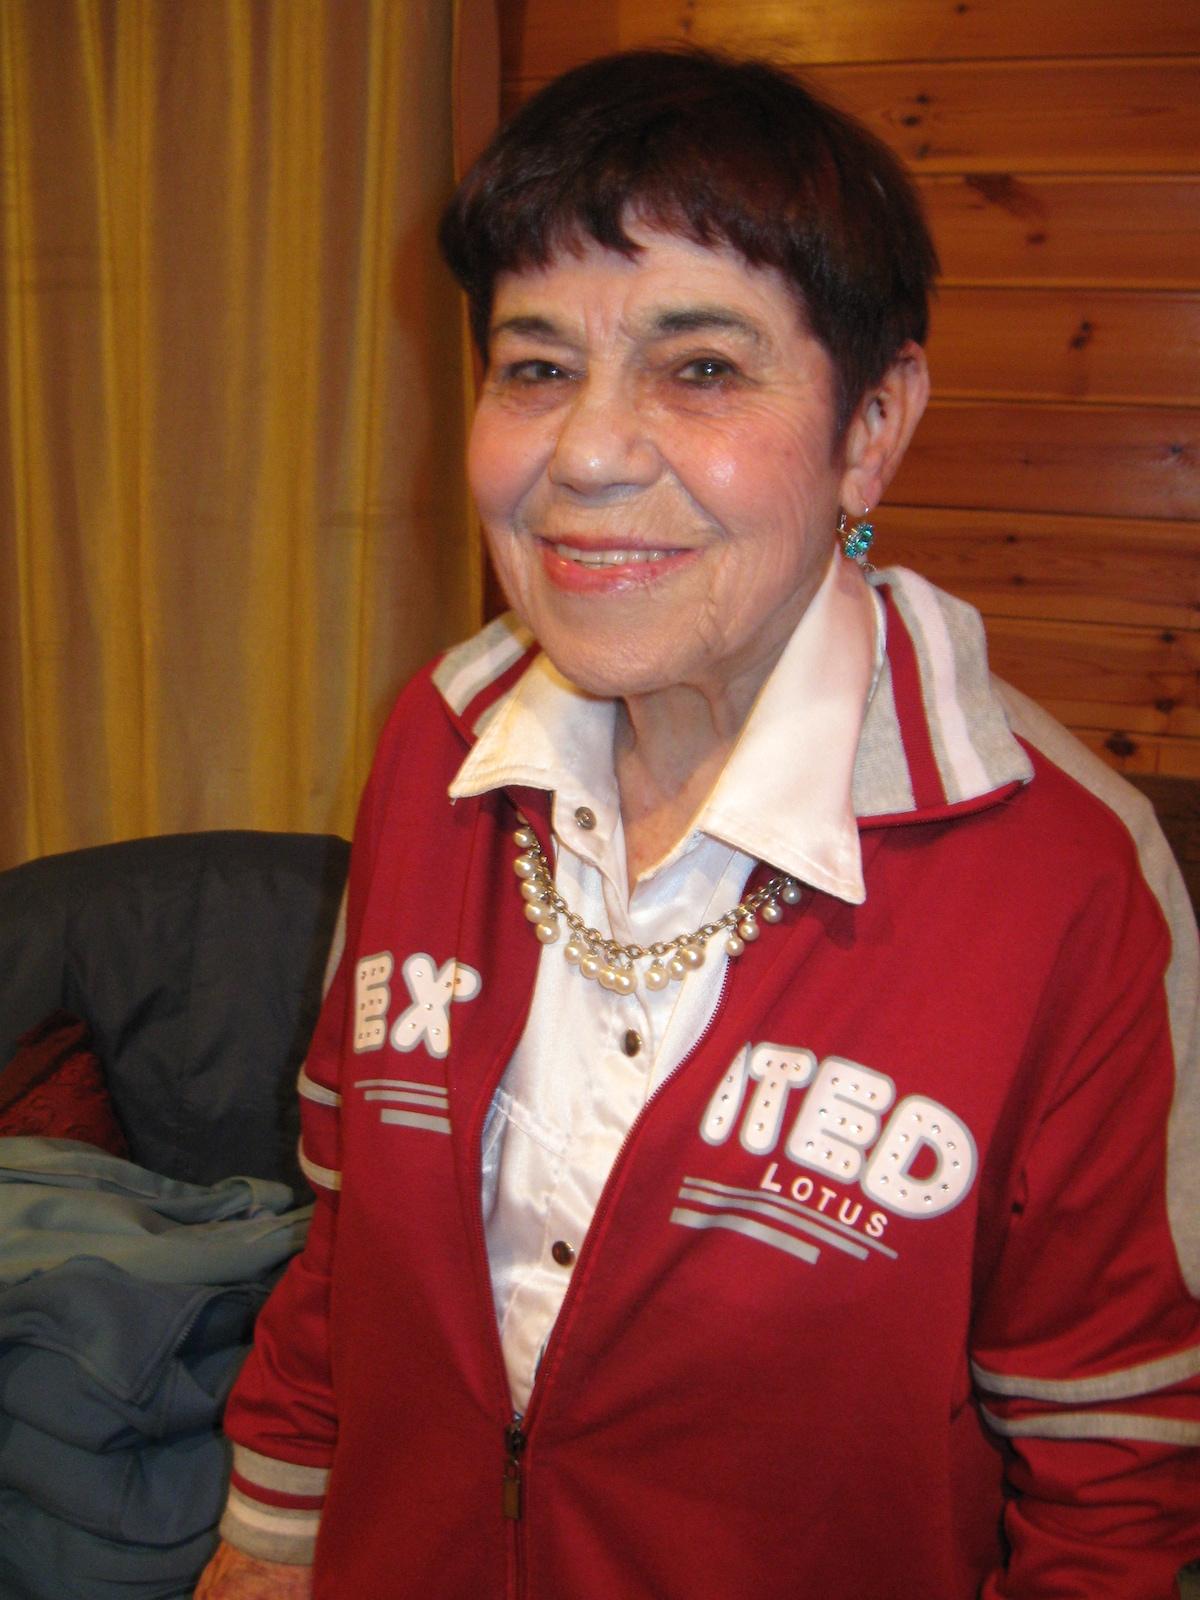 Aviva from Haifa